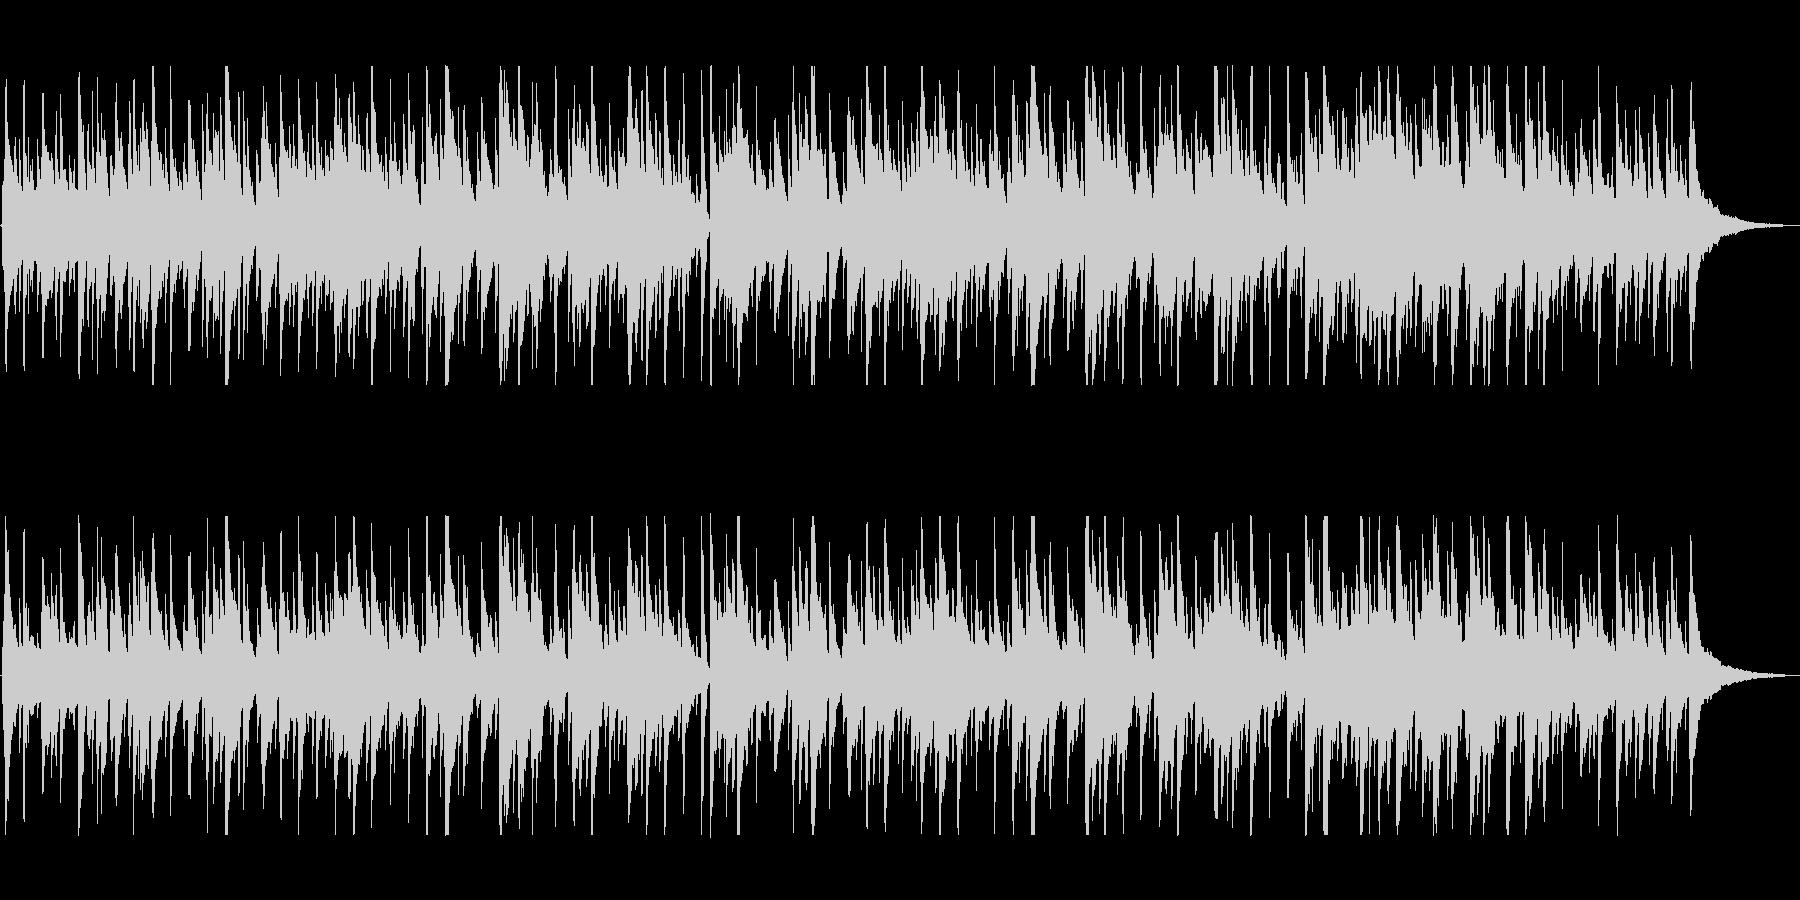 一日の終わりに聞きたい優しいボサノヴァの未再生の波形